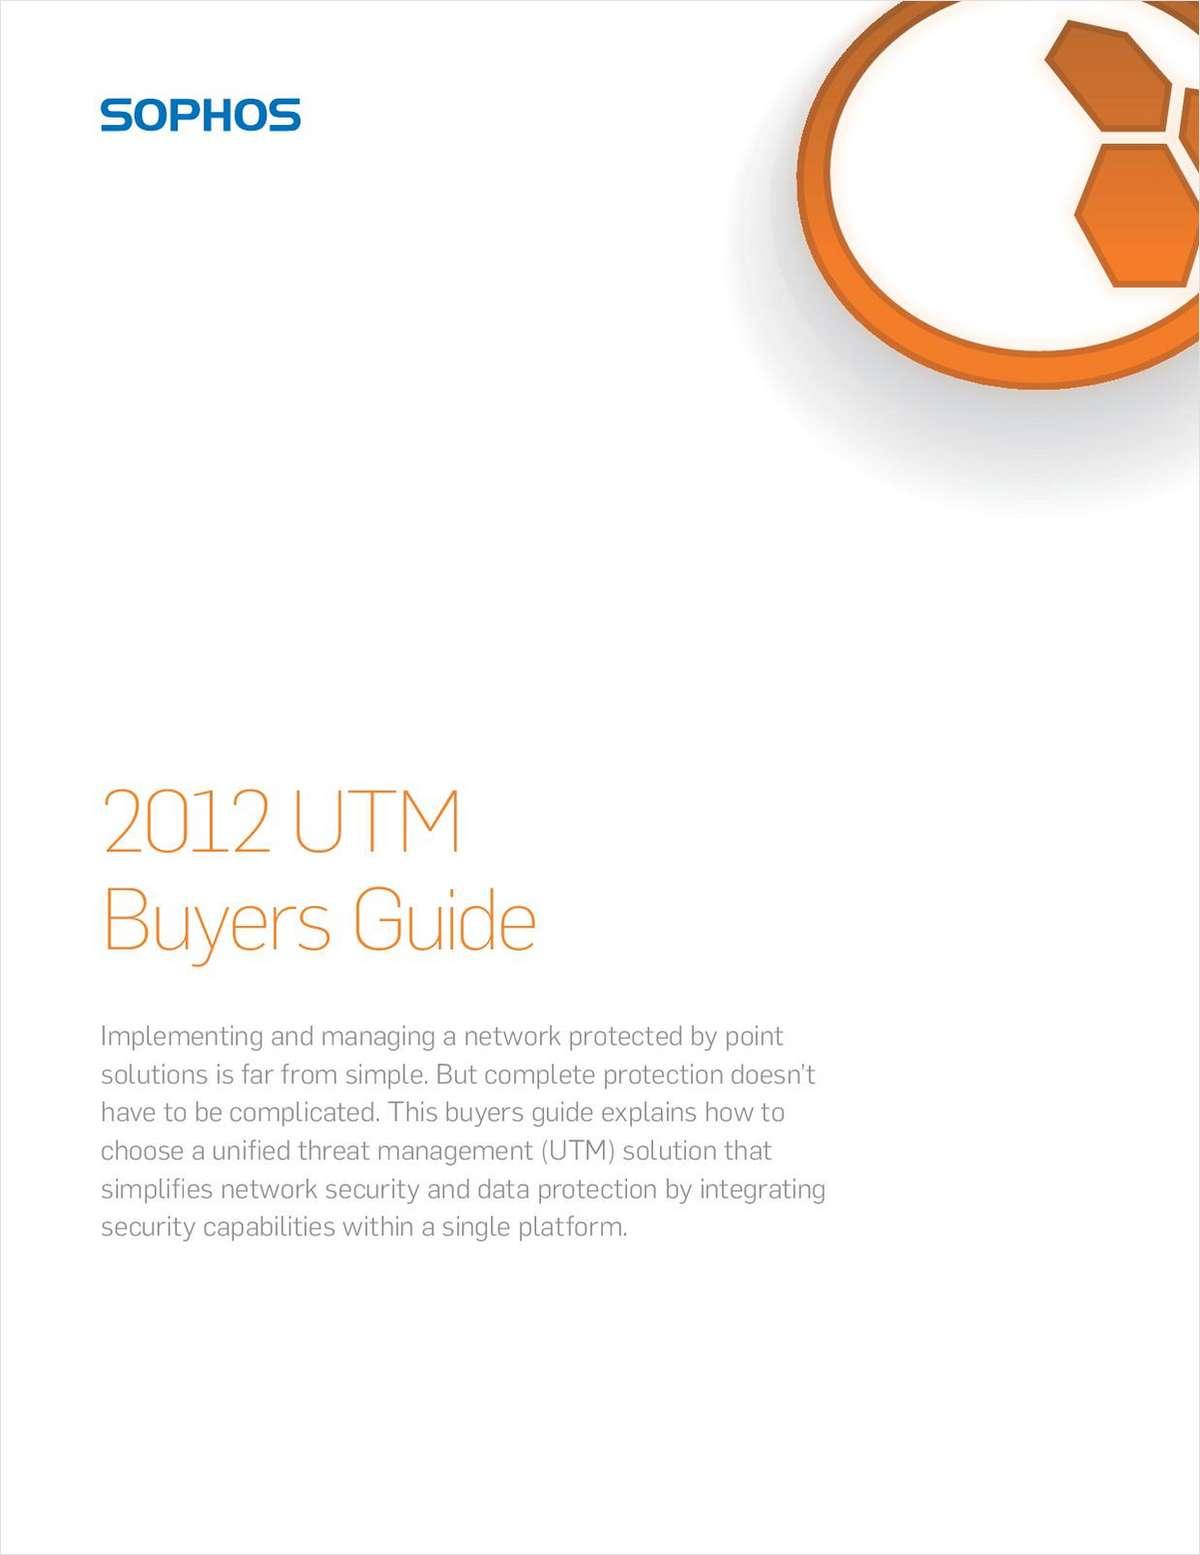 2012 UTM Buyers Guide